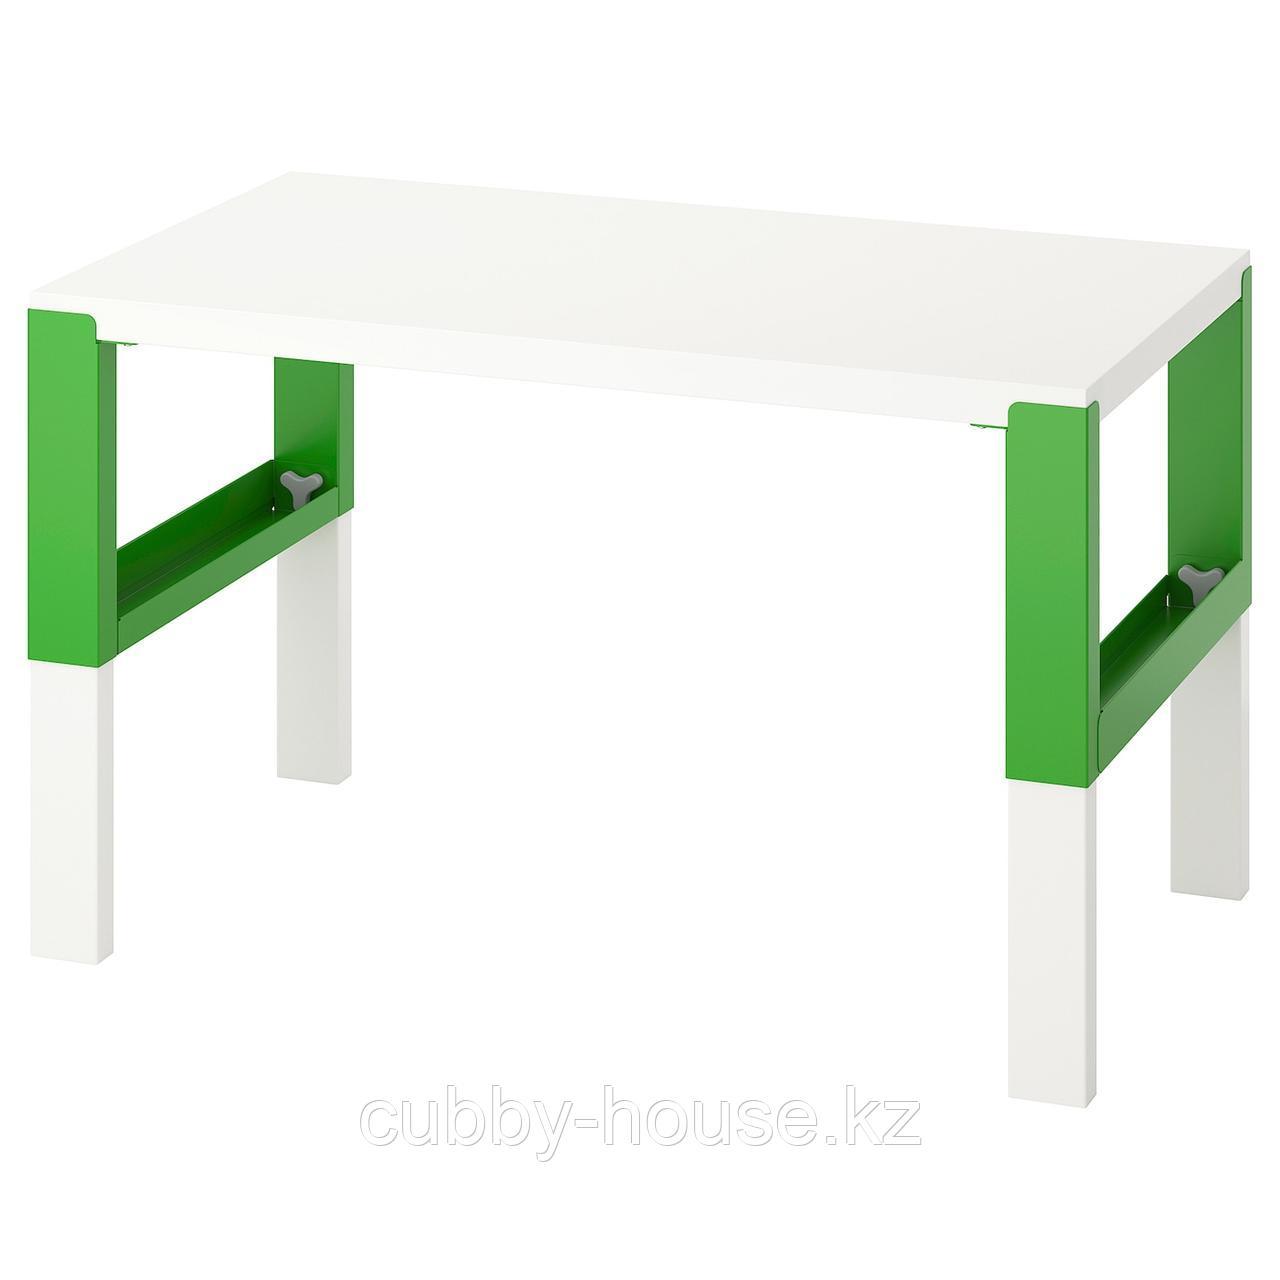 ПОЛЬ Письменный стол, белый, 96x58 см